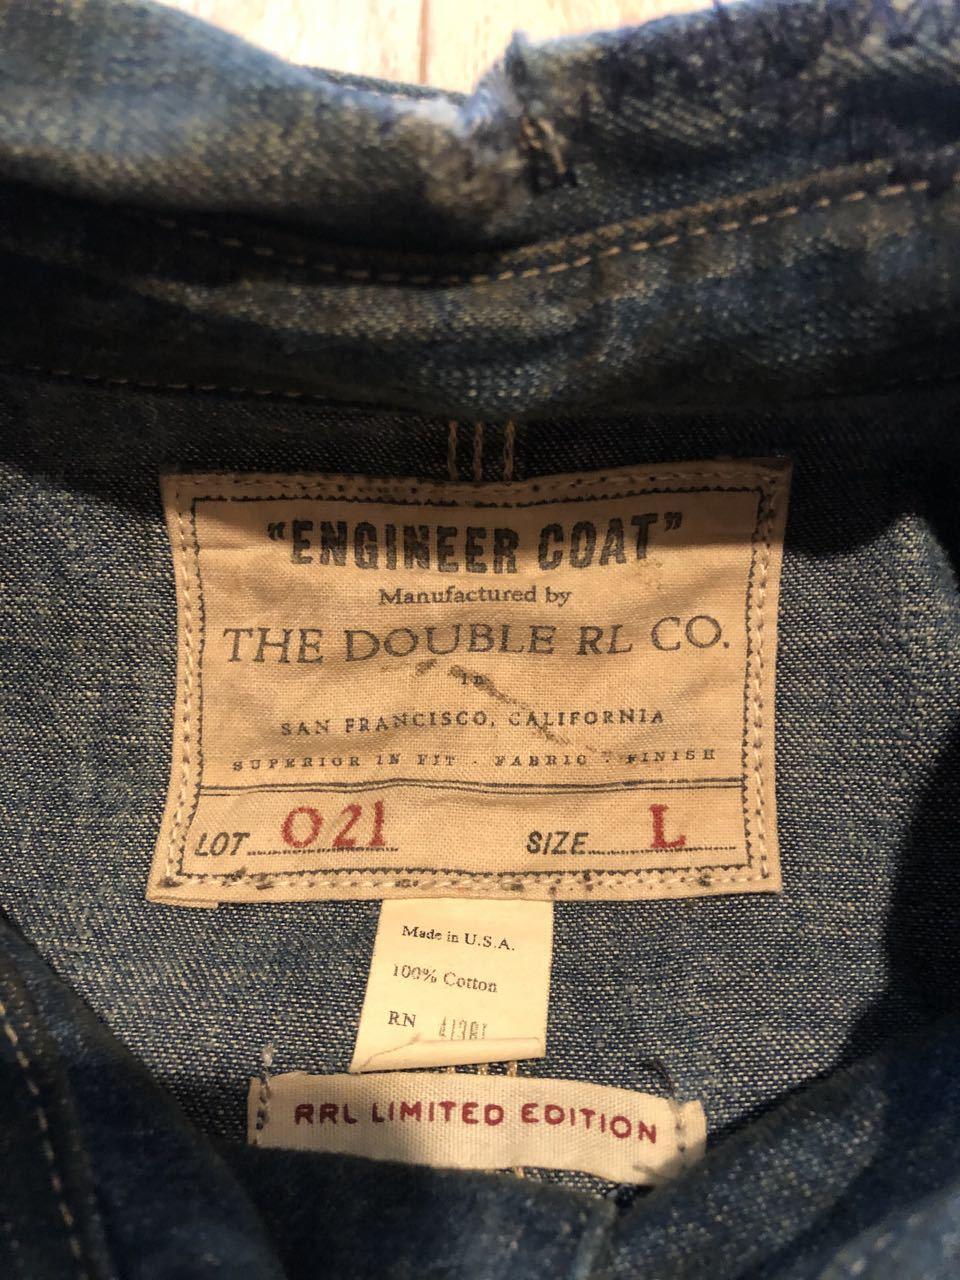 1月4日(土)入荷!Made in U.S.A ダブルアールエル 69枚限定 チンスト 変形ポケット Double RL Engineer Coat  LIMITED EDITION!_c0144020_12584905.jpg